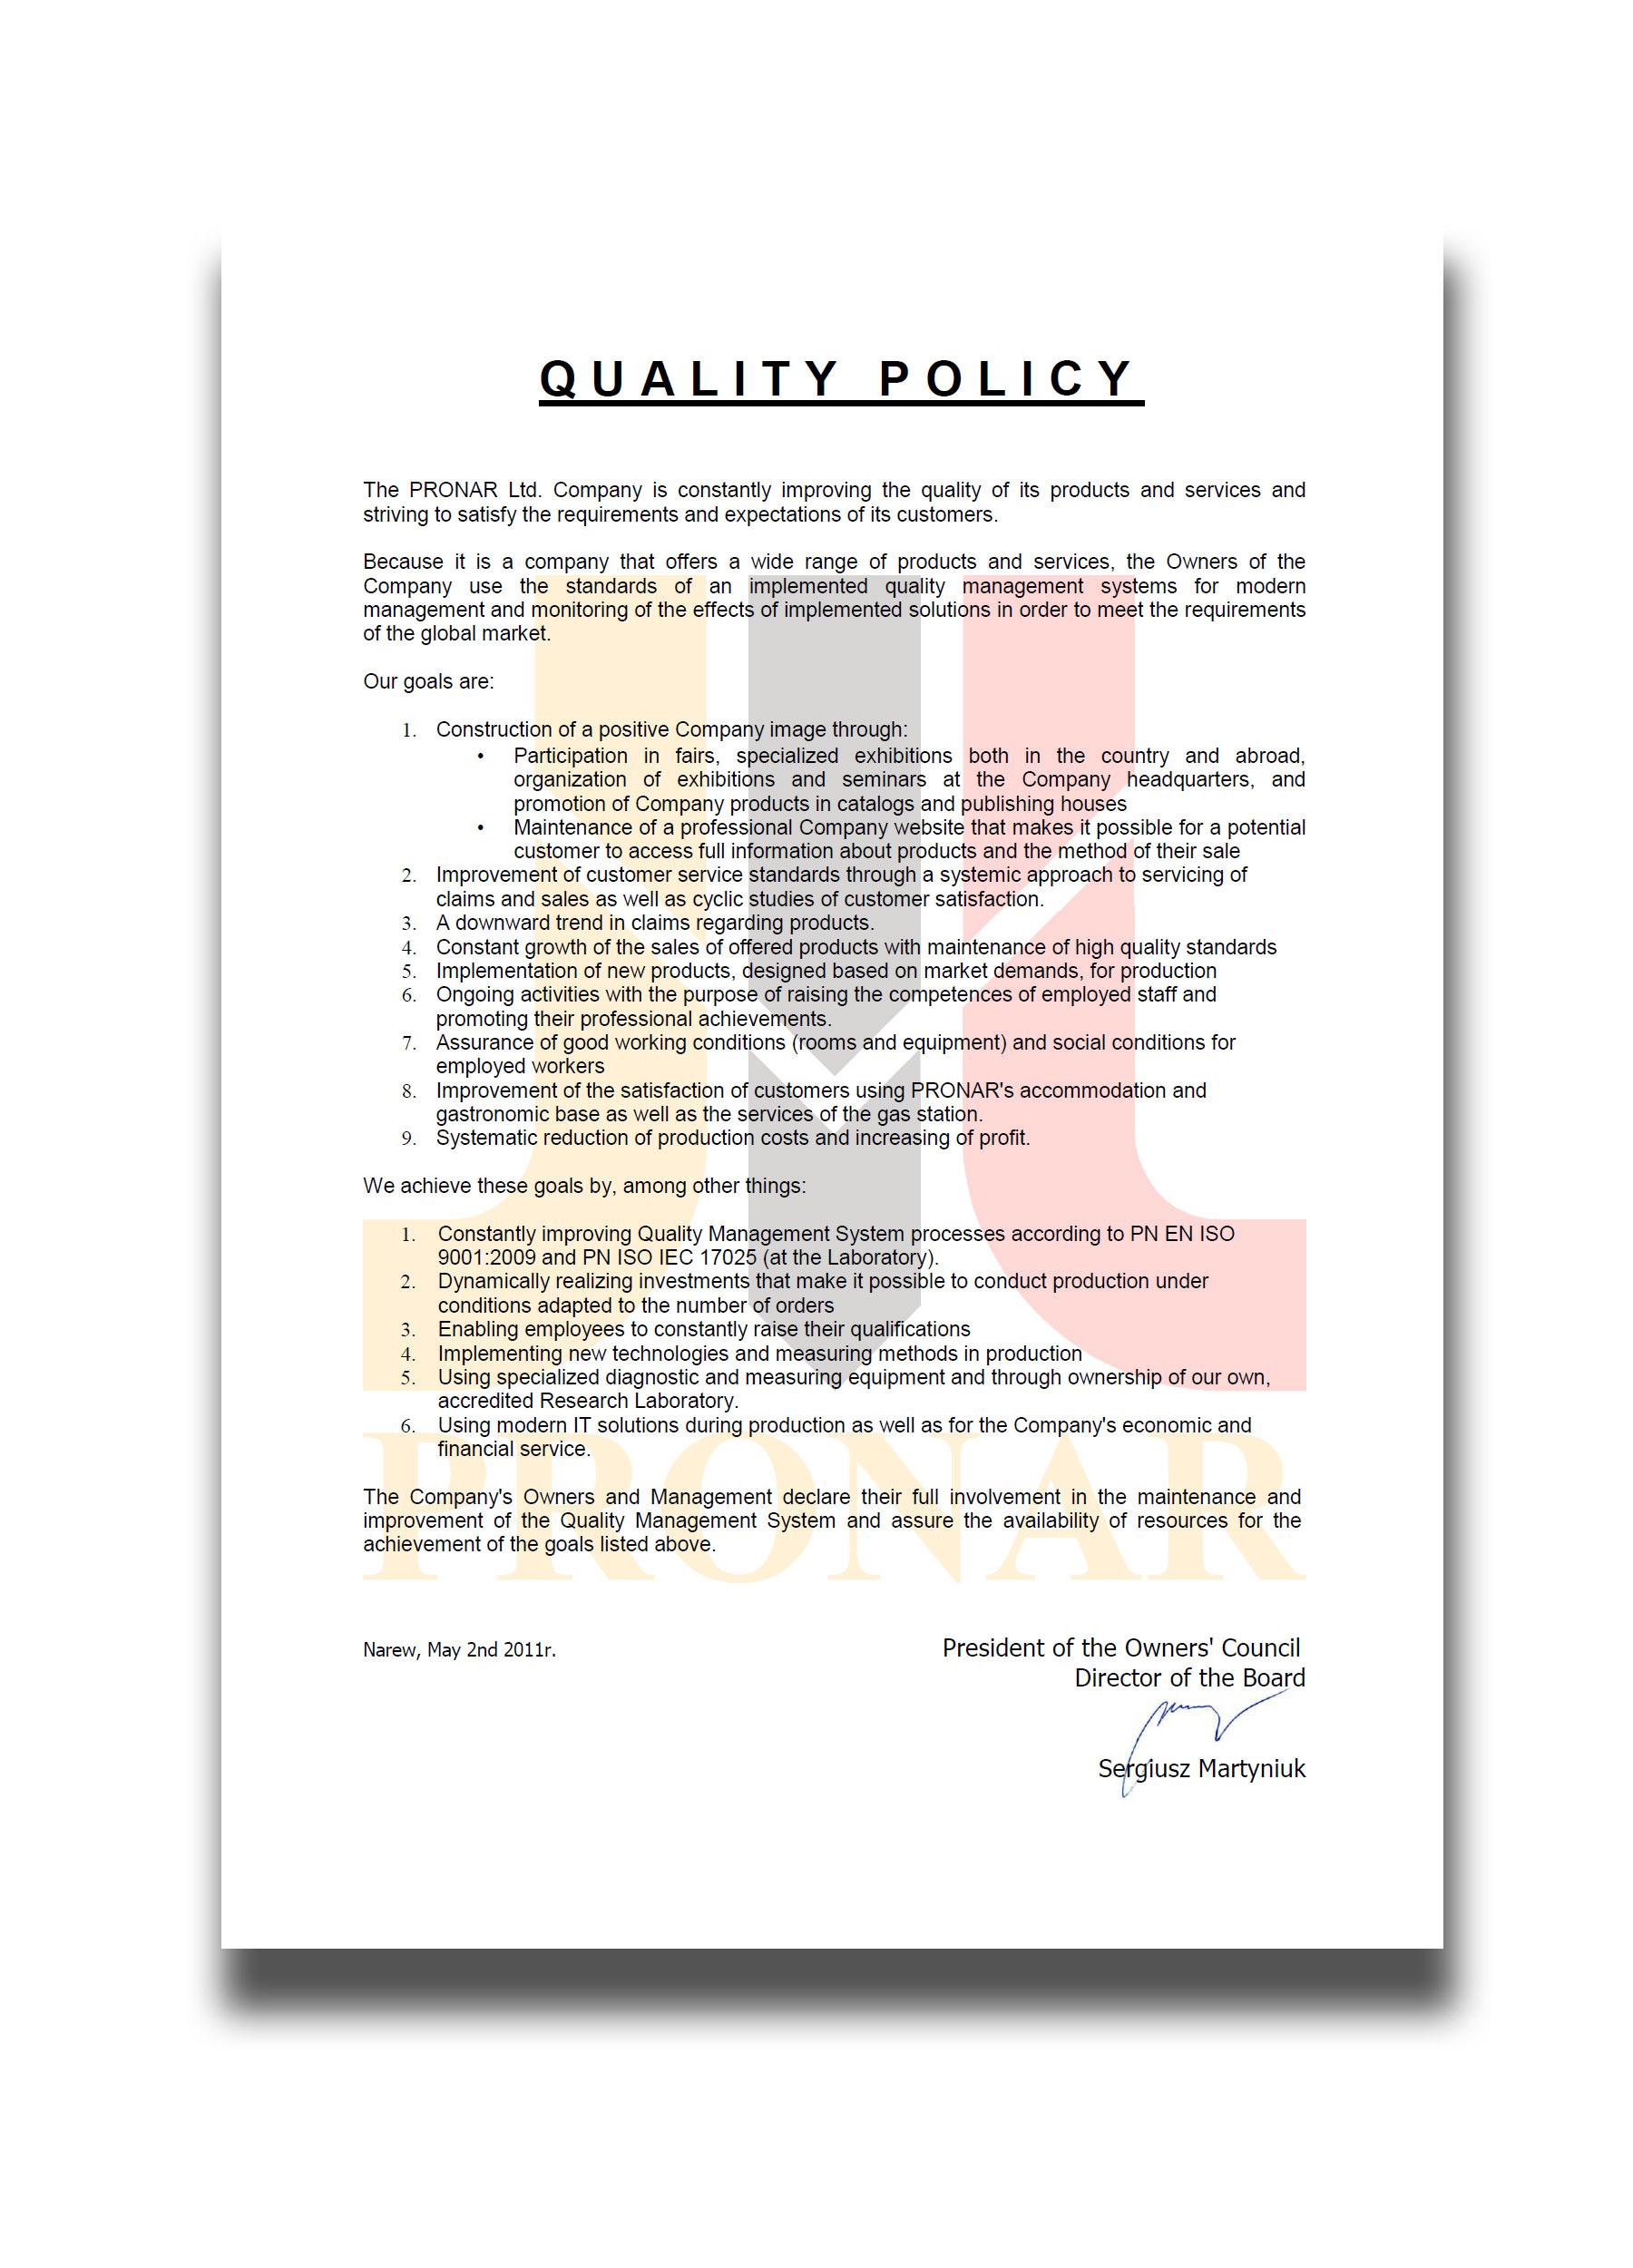 polityka-jakości